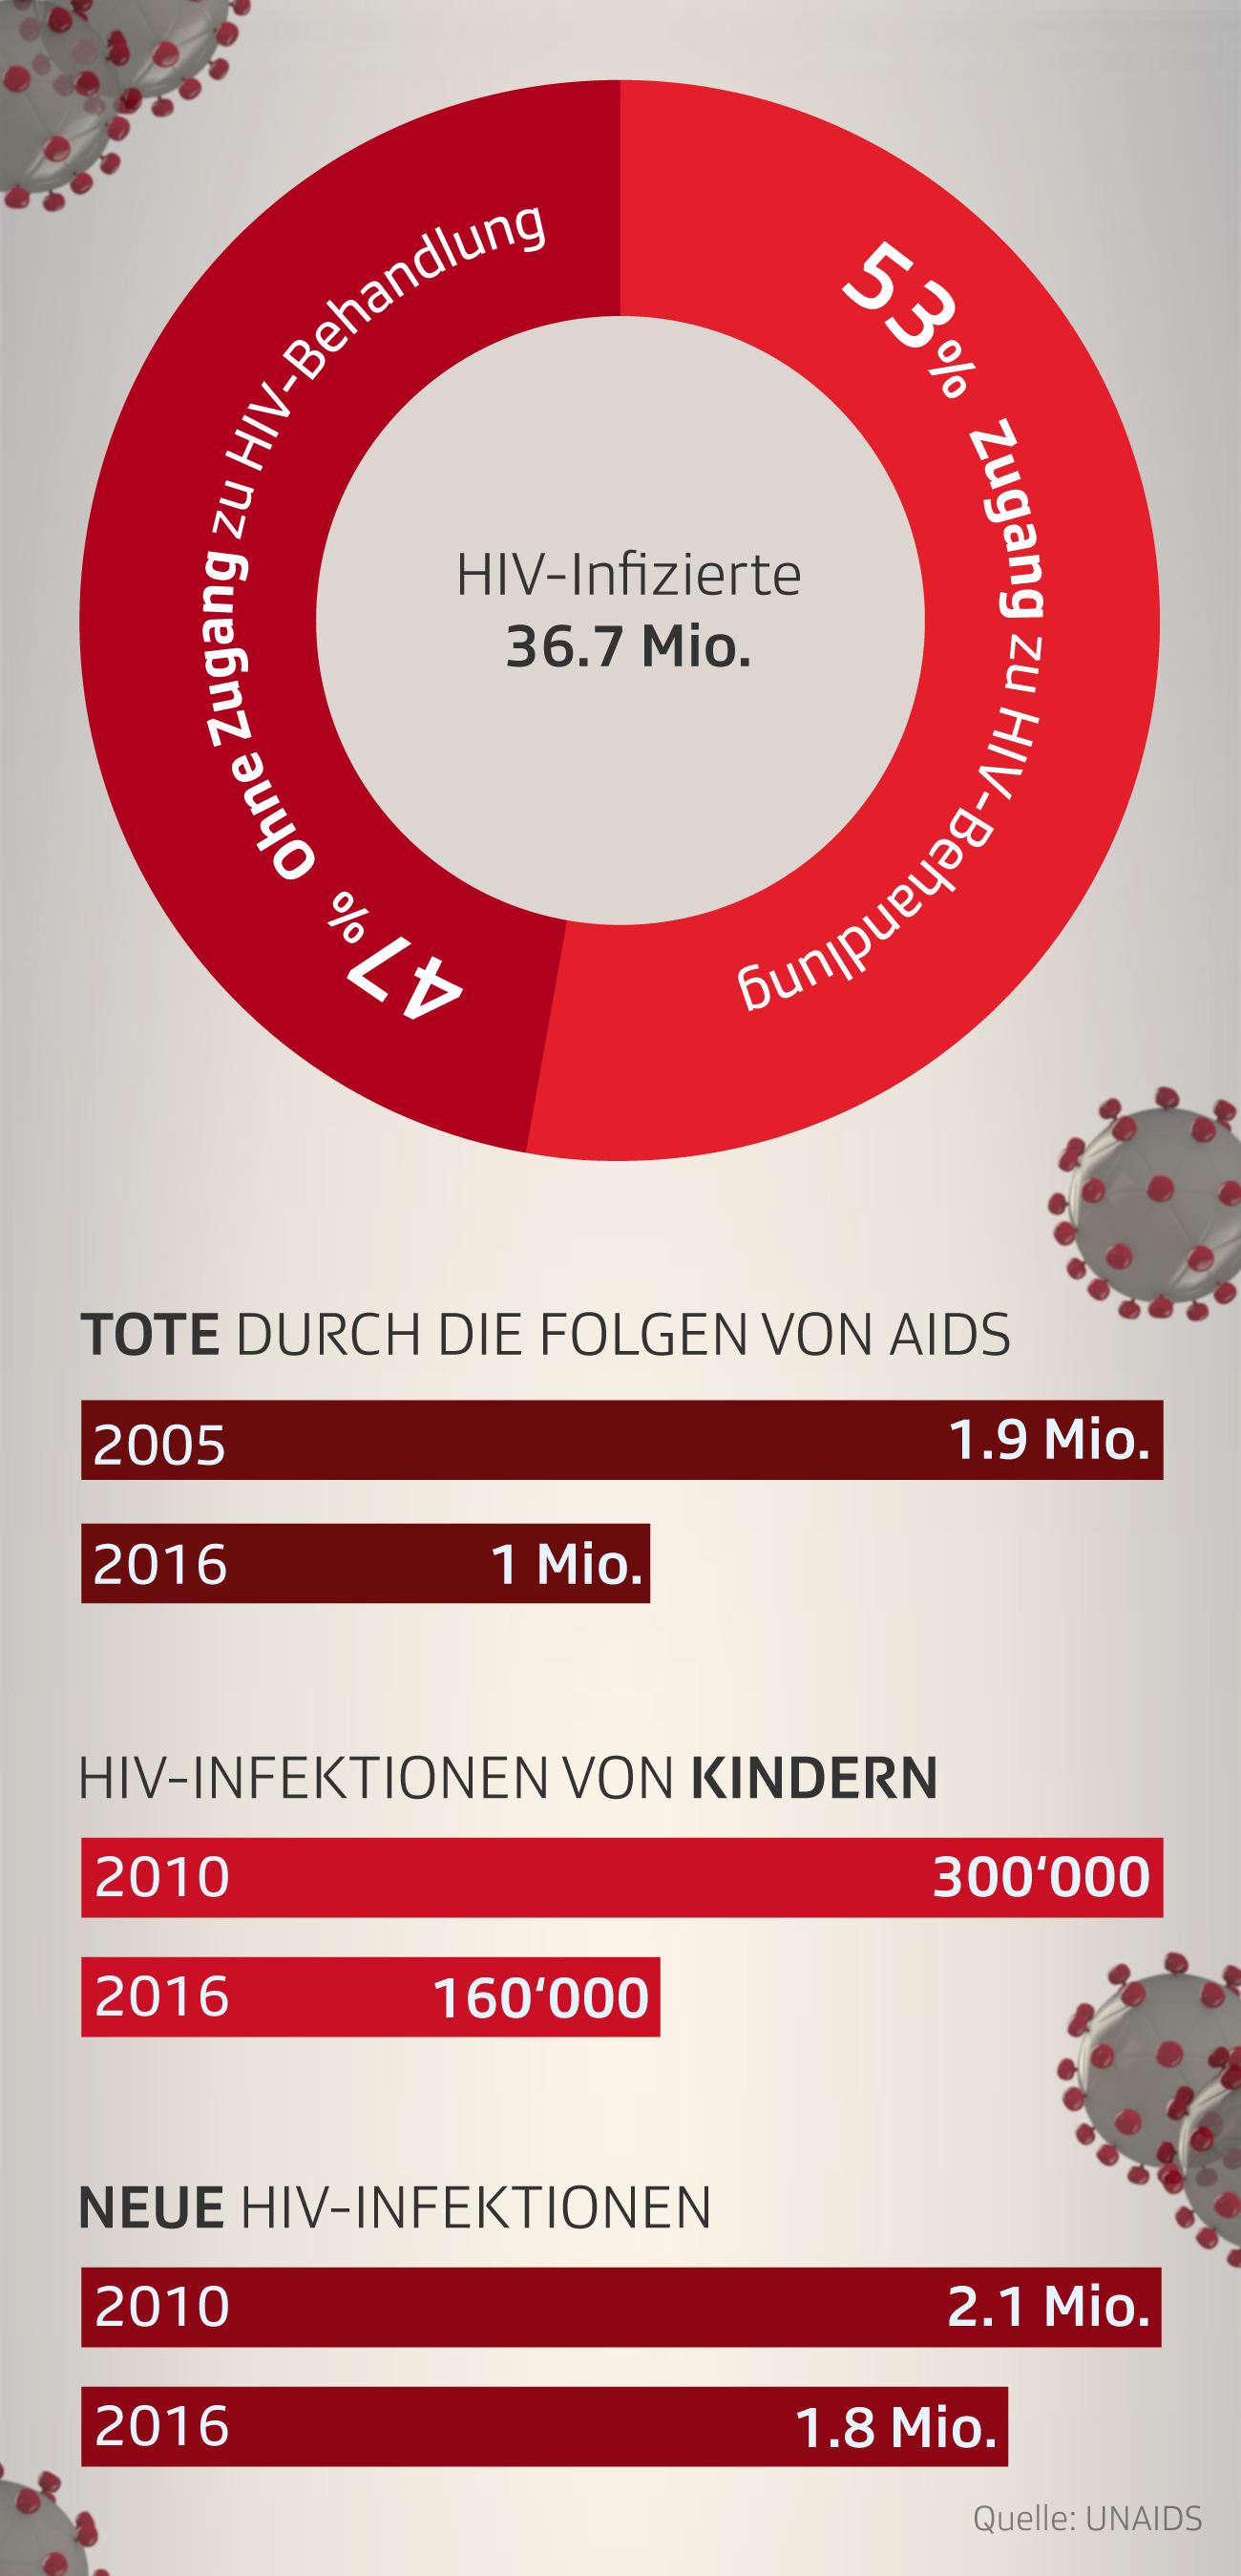 Grafik zeigt Anzahl der HIV-Infizierten weltweit